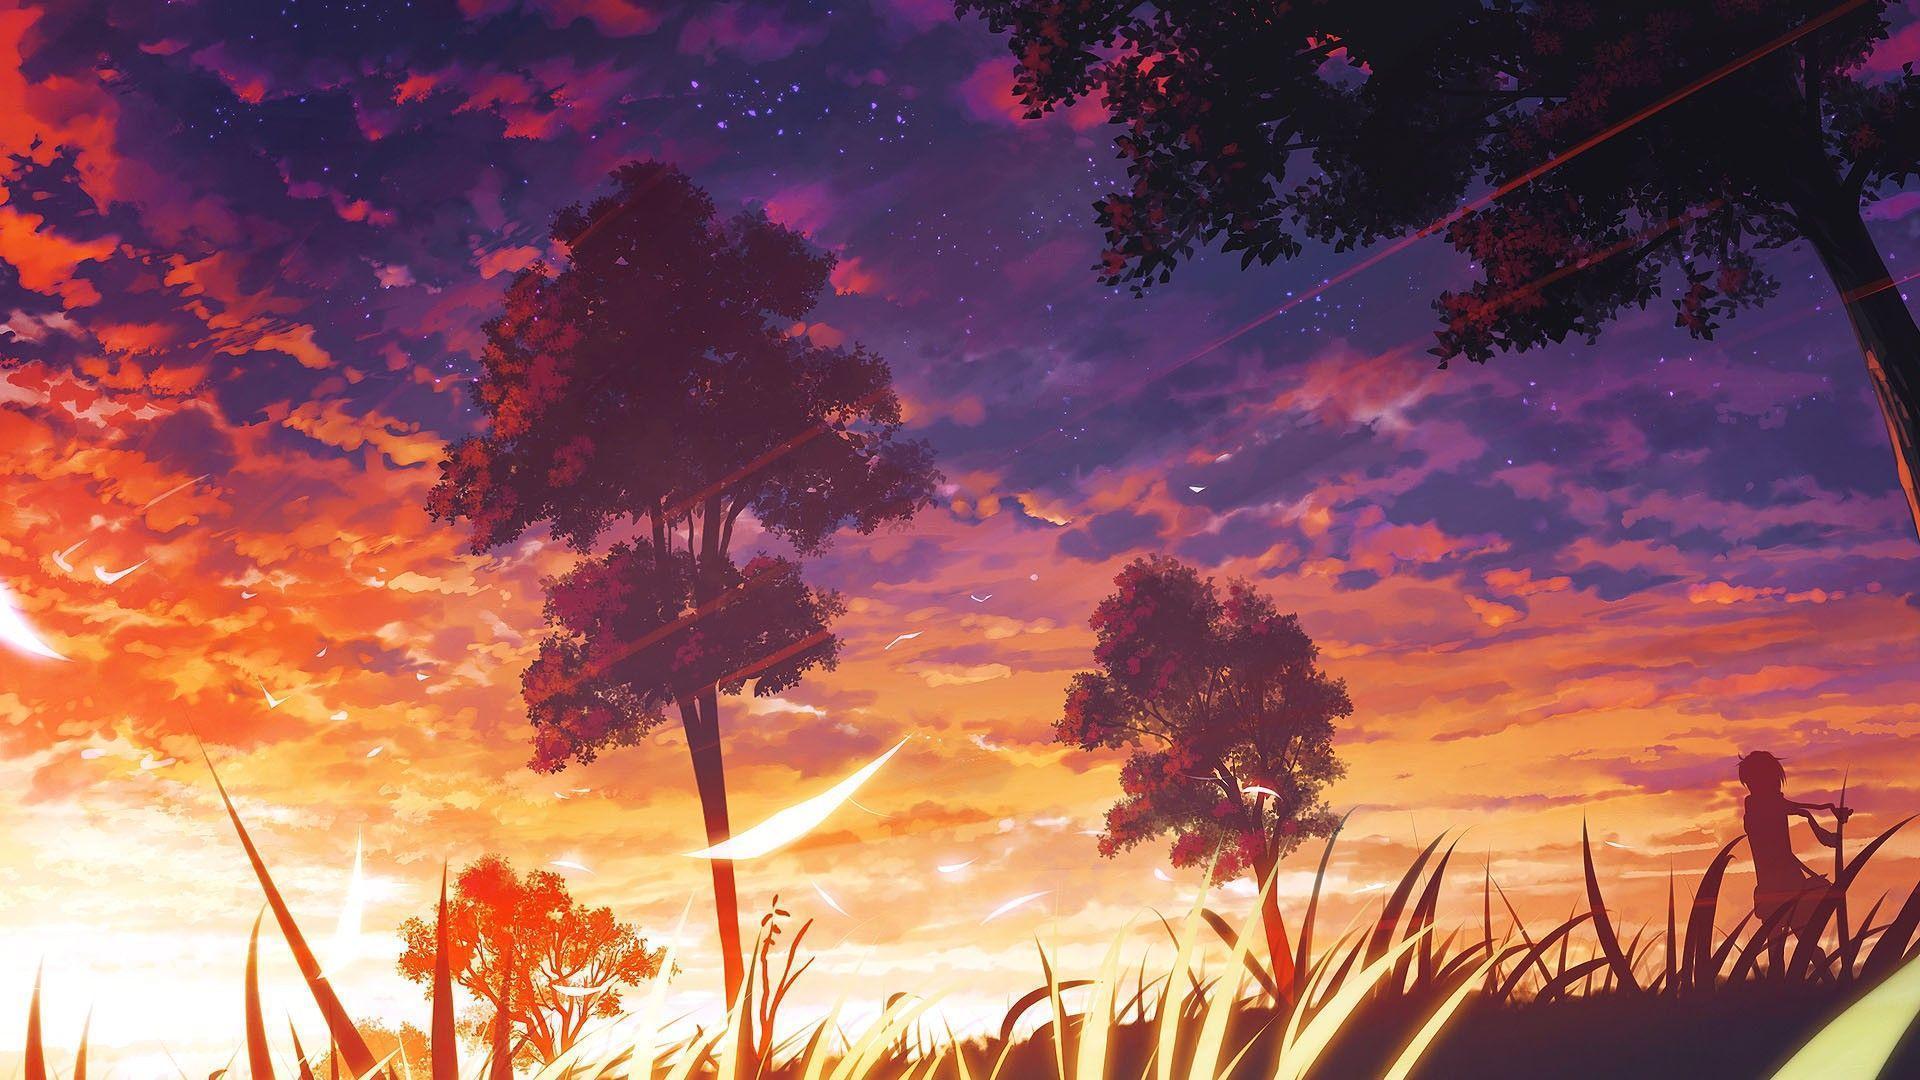 1920x1080 anime scenery